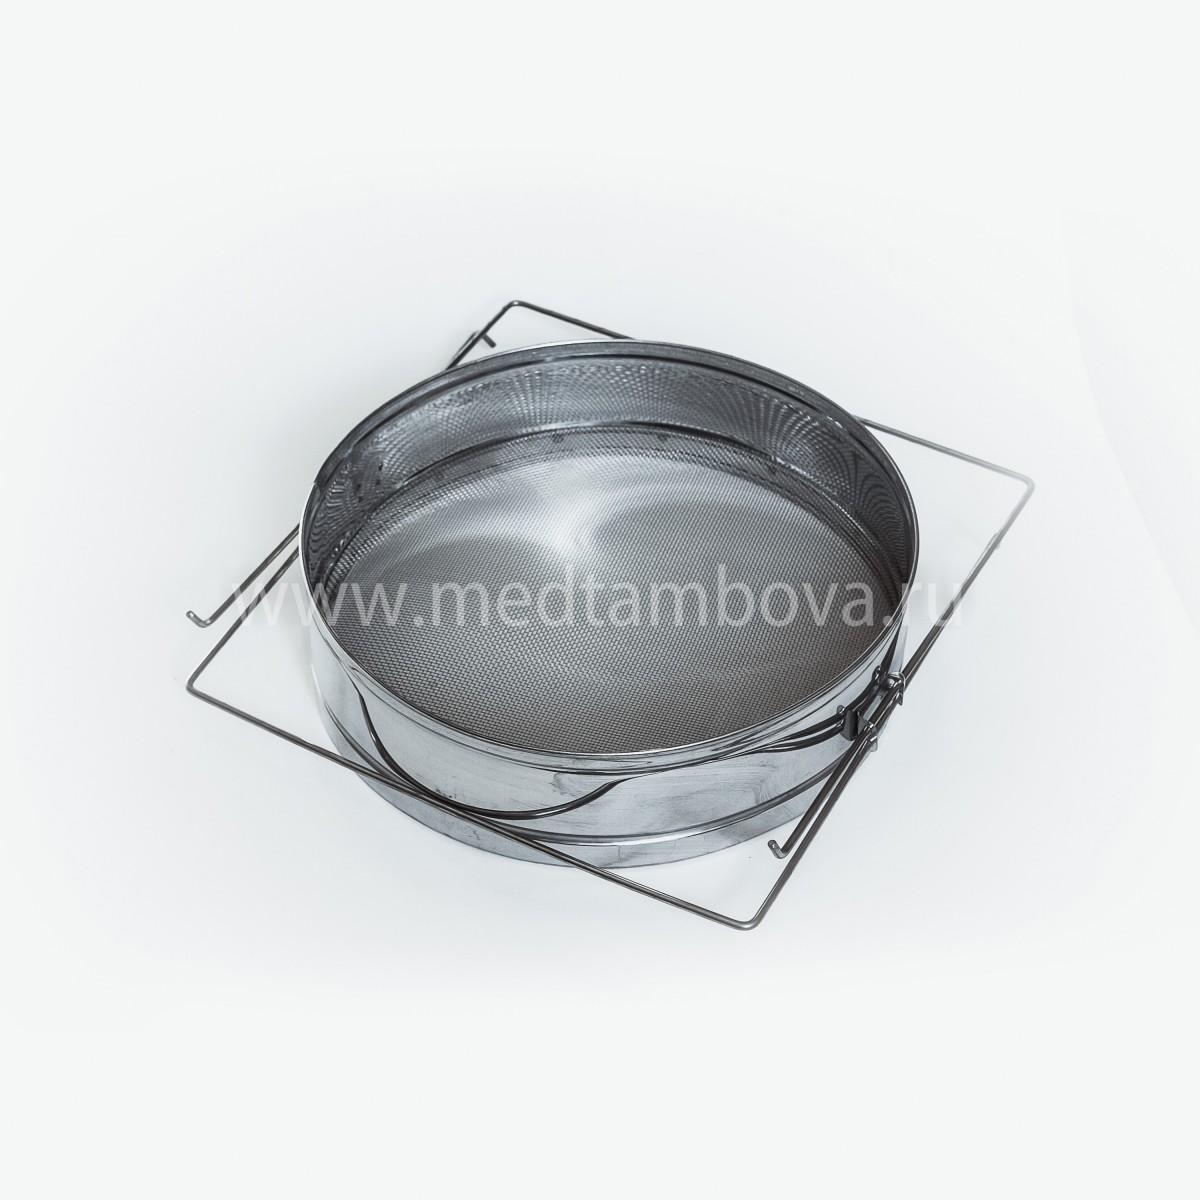 Сито-Фильтр 300 мм нержавейка сталь